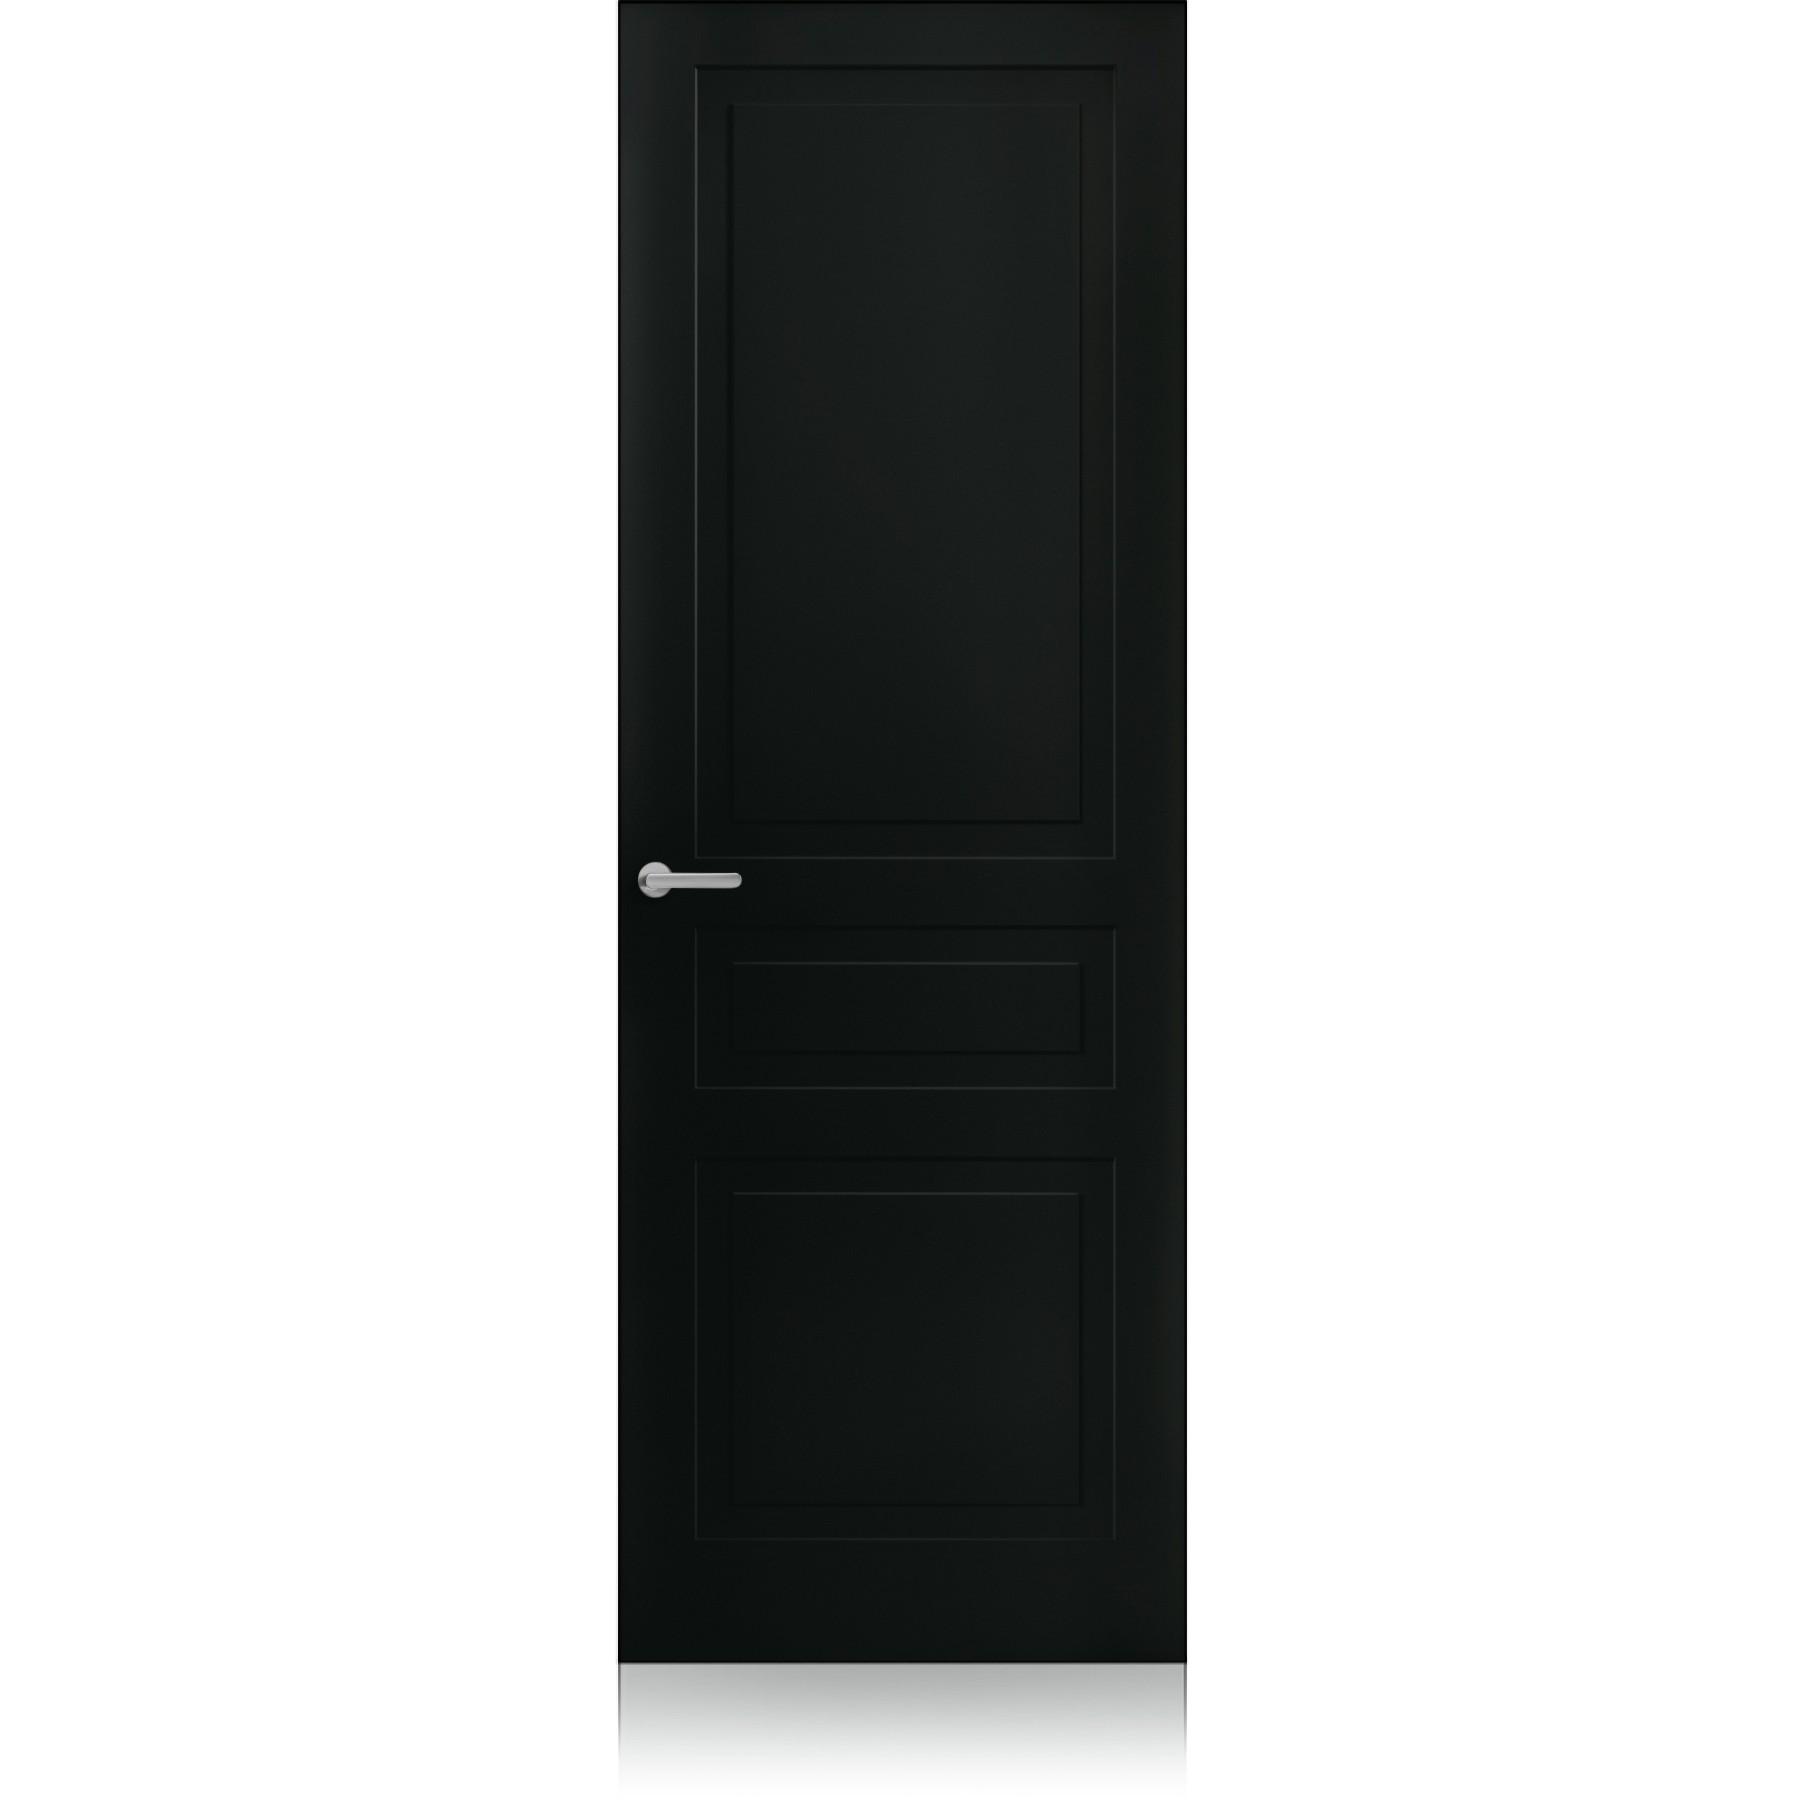 Porta Mixy / 7 Zero Nero Profondo Laccato ULTRAopaco